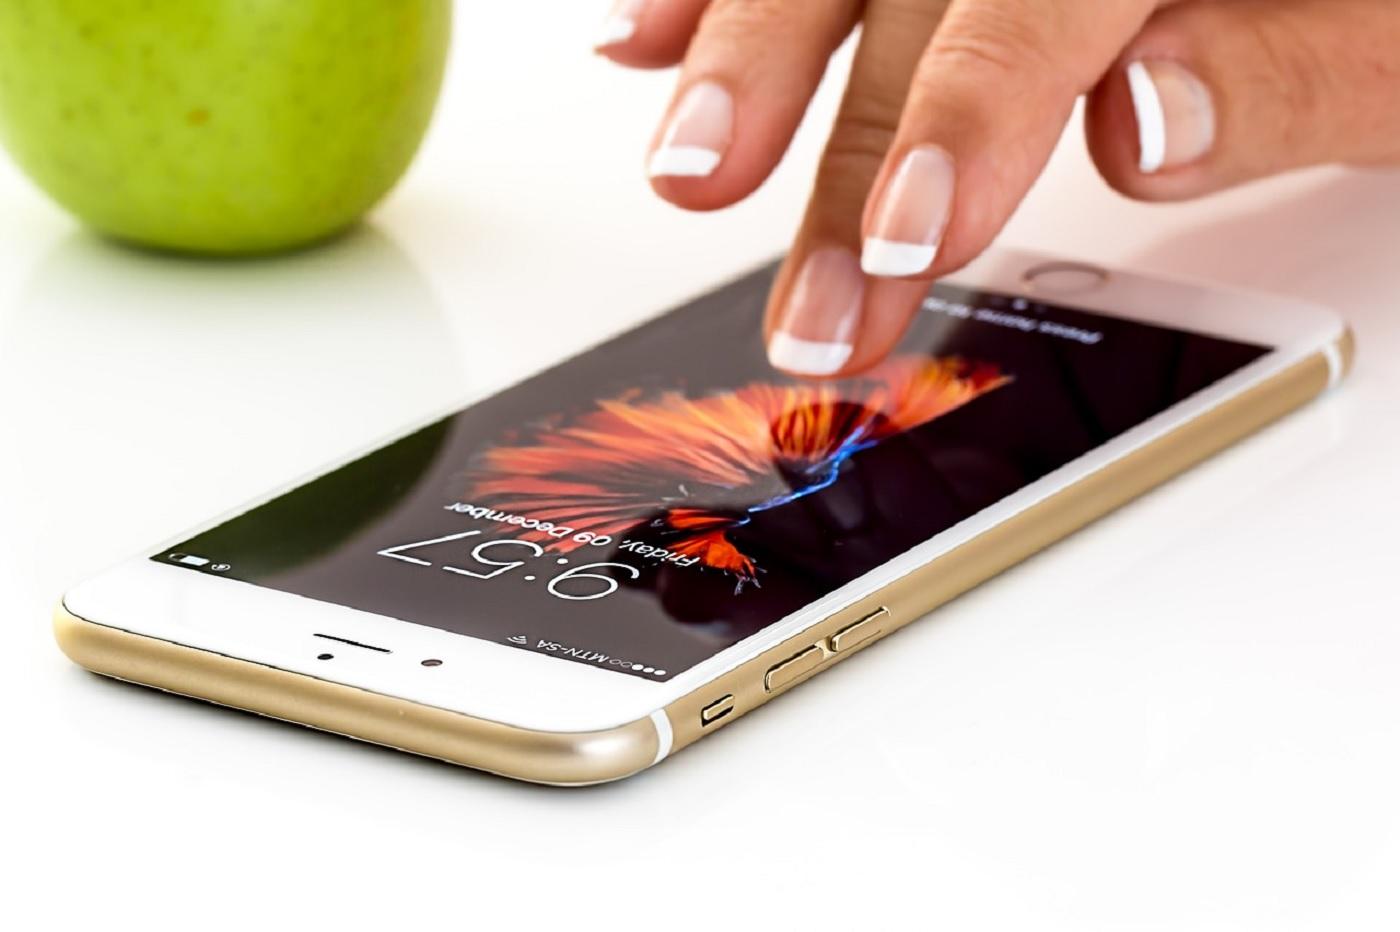 Envoyer des SMS sans réseau mobile ? Apple aurait jeté l'éponge